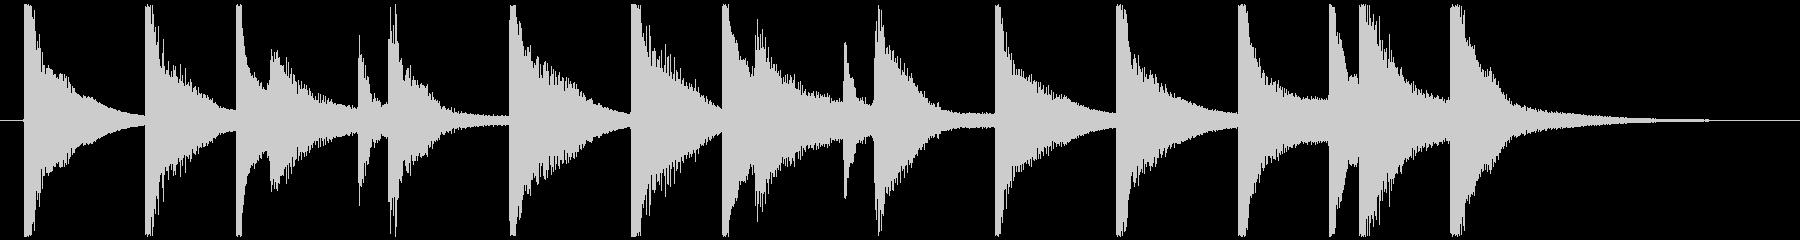 オルゴールとピアノのコミカルなジングルの未再生の波形